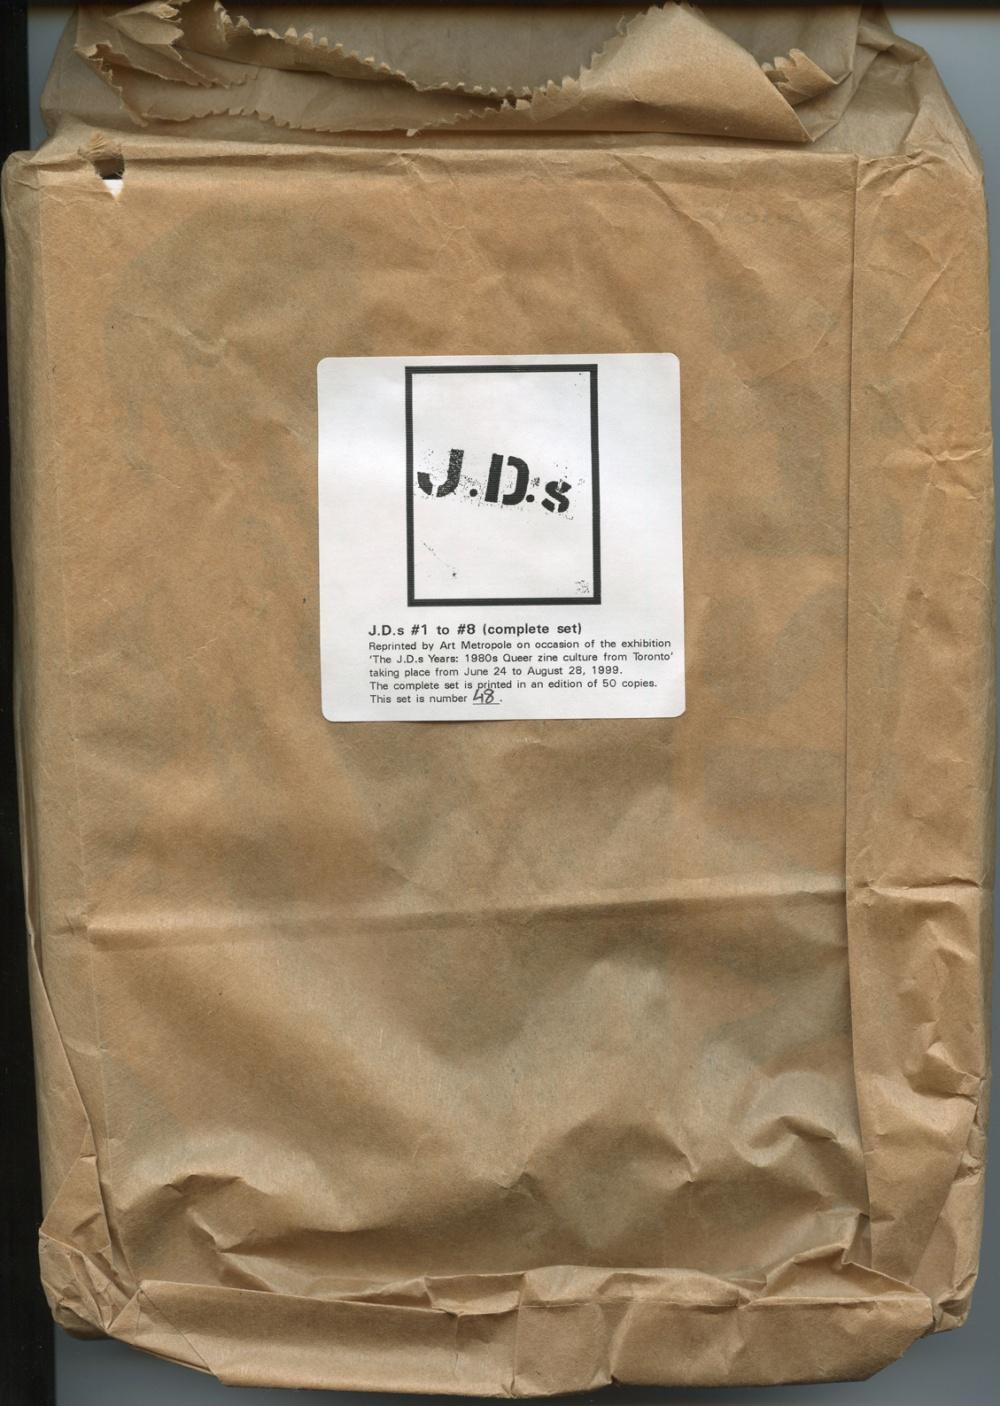 J.D.s Complete Set